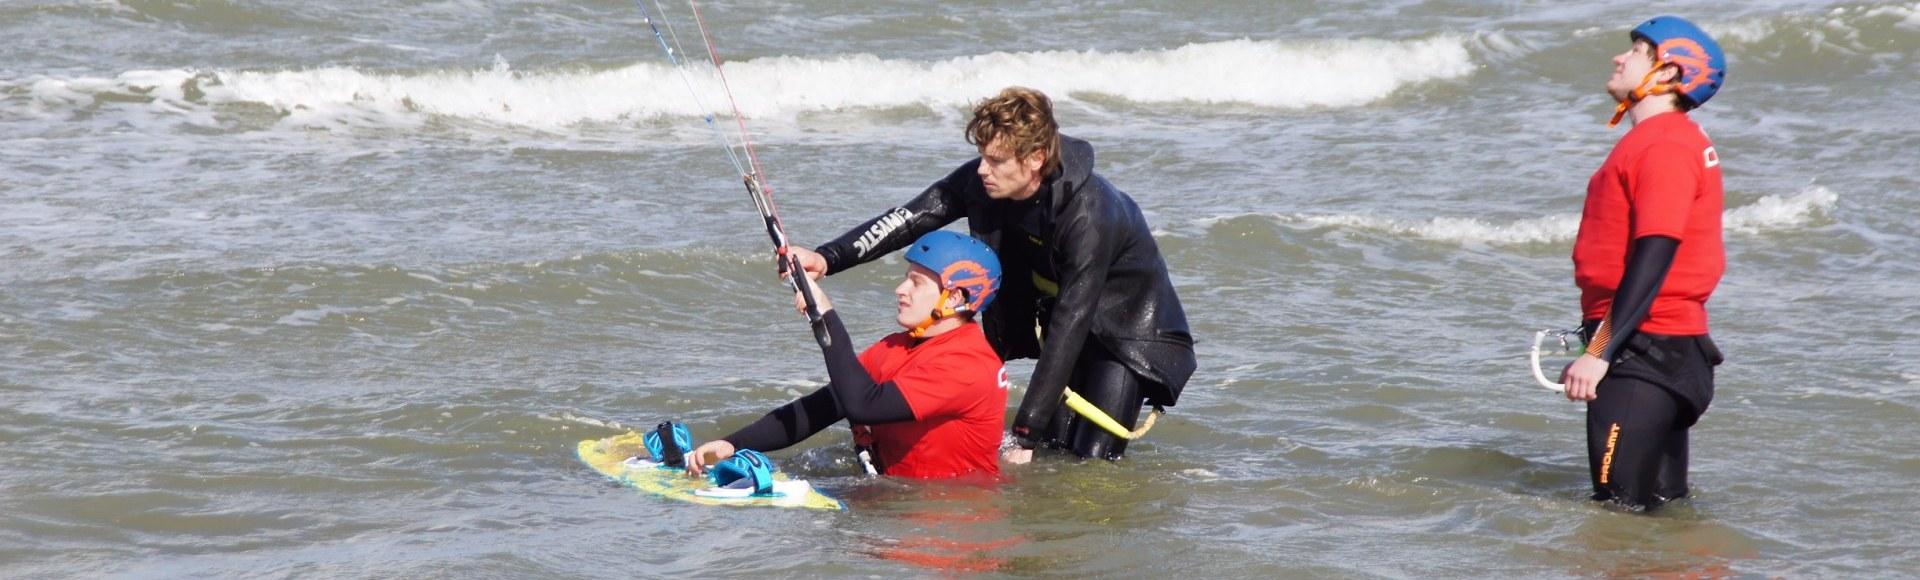 Kitesurf Les Bloemendaal aan Zee